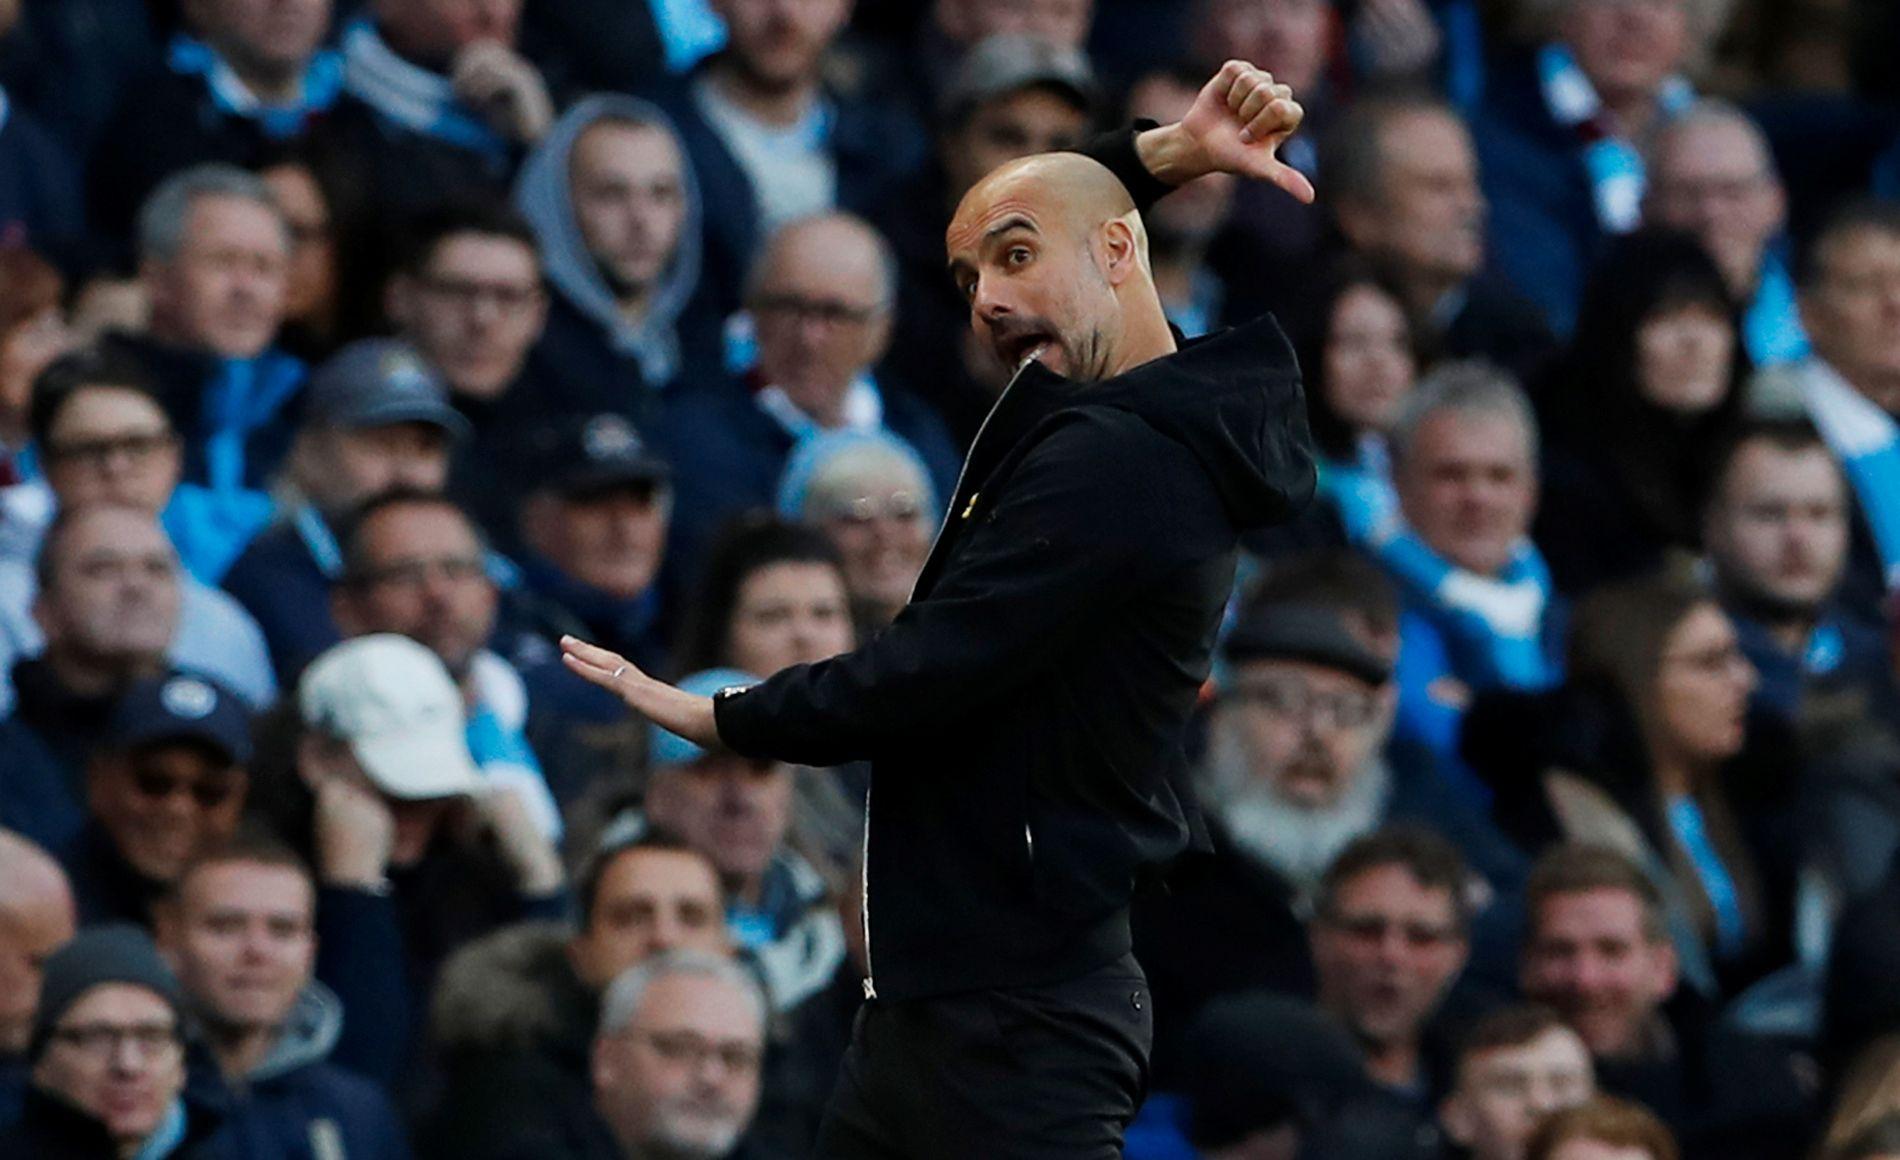 PEP-SHOW: Pep Guardiola lever seg inn i kampene og styrer det meste fra sidelinjen. Spillerne får kontinuerlig instrukser, som her mot Arsenal. Foto: REUTERS